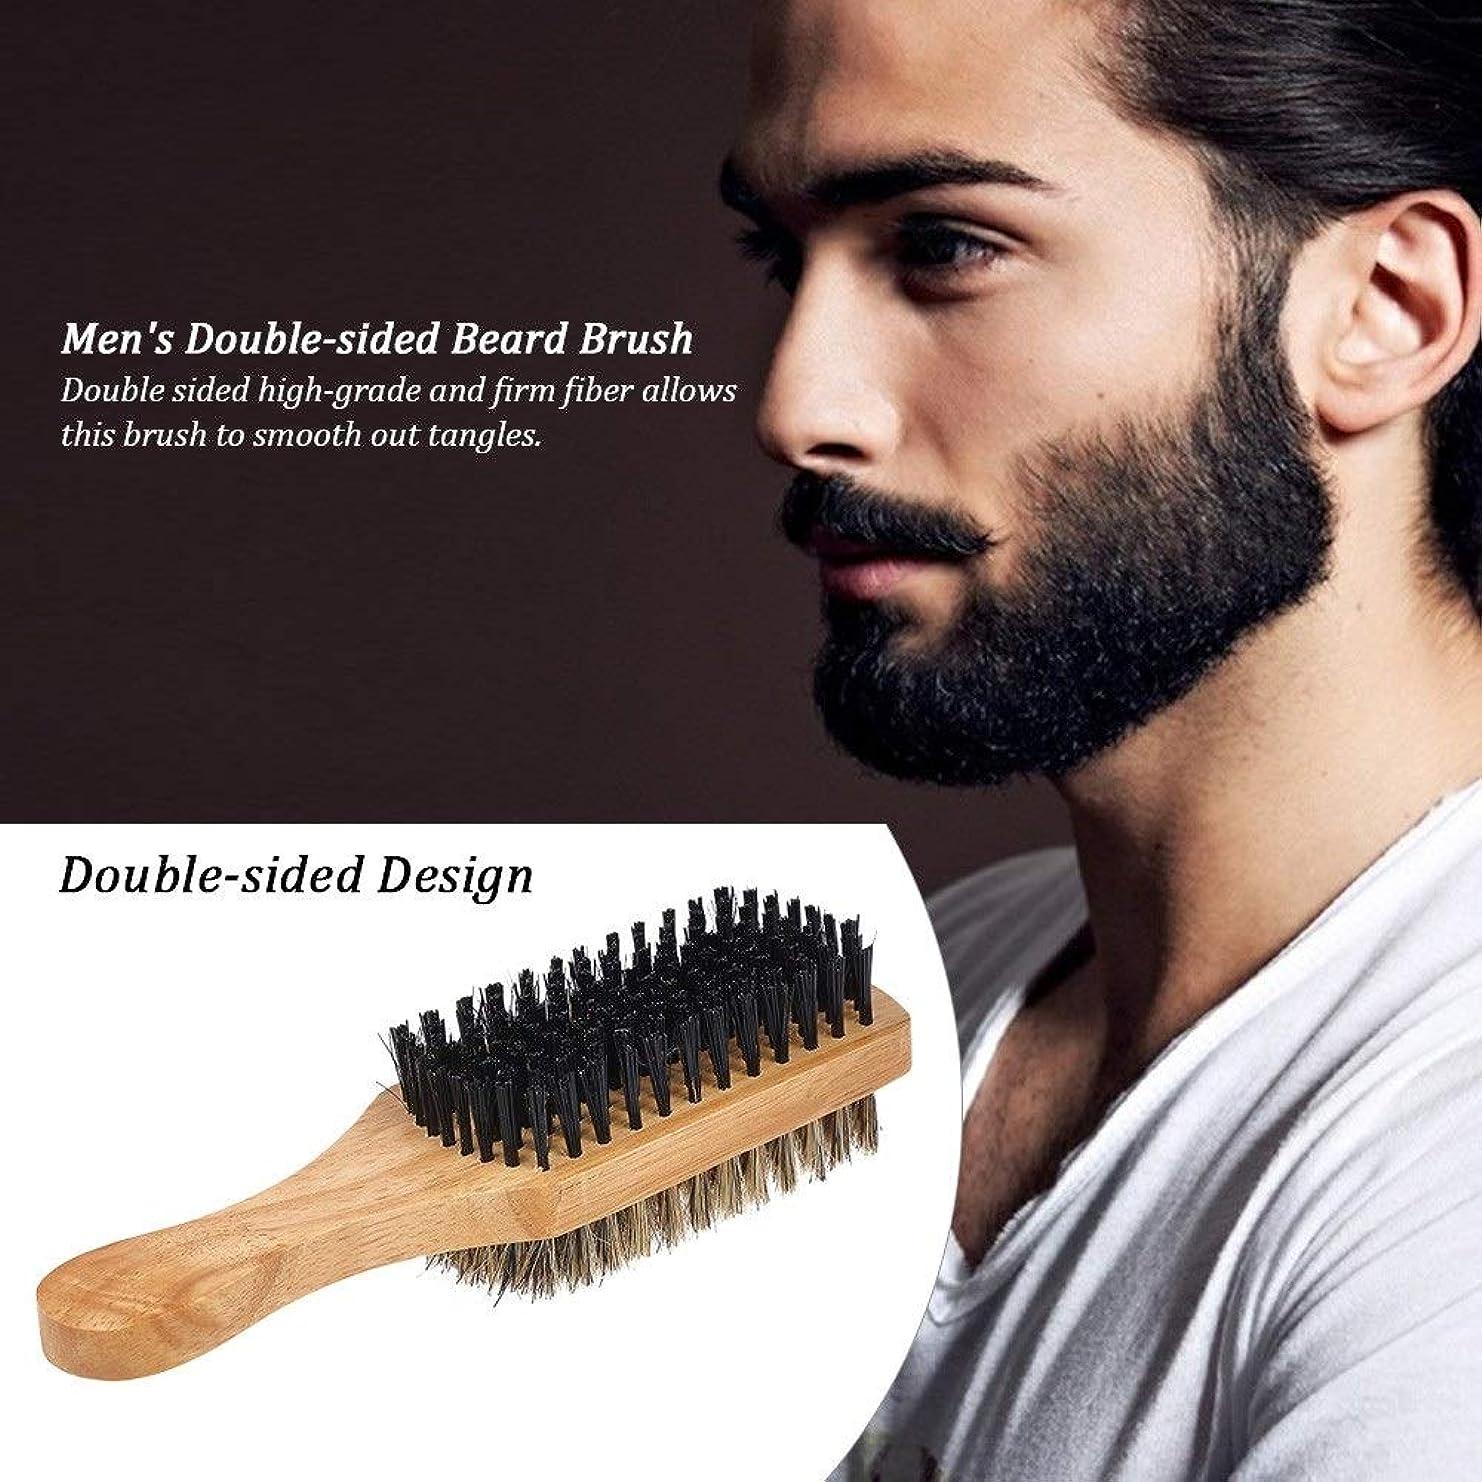 戸口逆感嘆符シェービングブラシ メンズ 理容 洗顔 髭剃り ひげ髭ブラシ ひげケア ひげ剃り シェービングブラシ デュアルサイド (Color : #1)